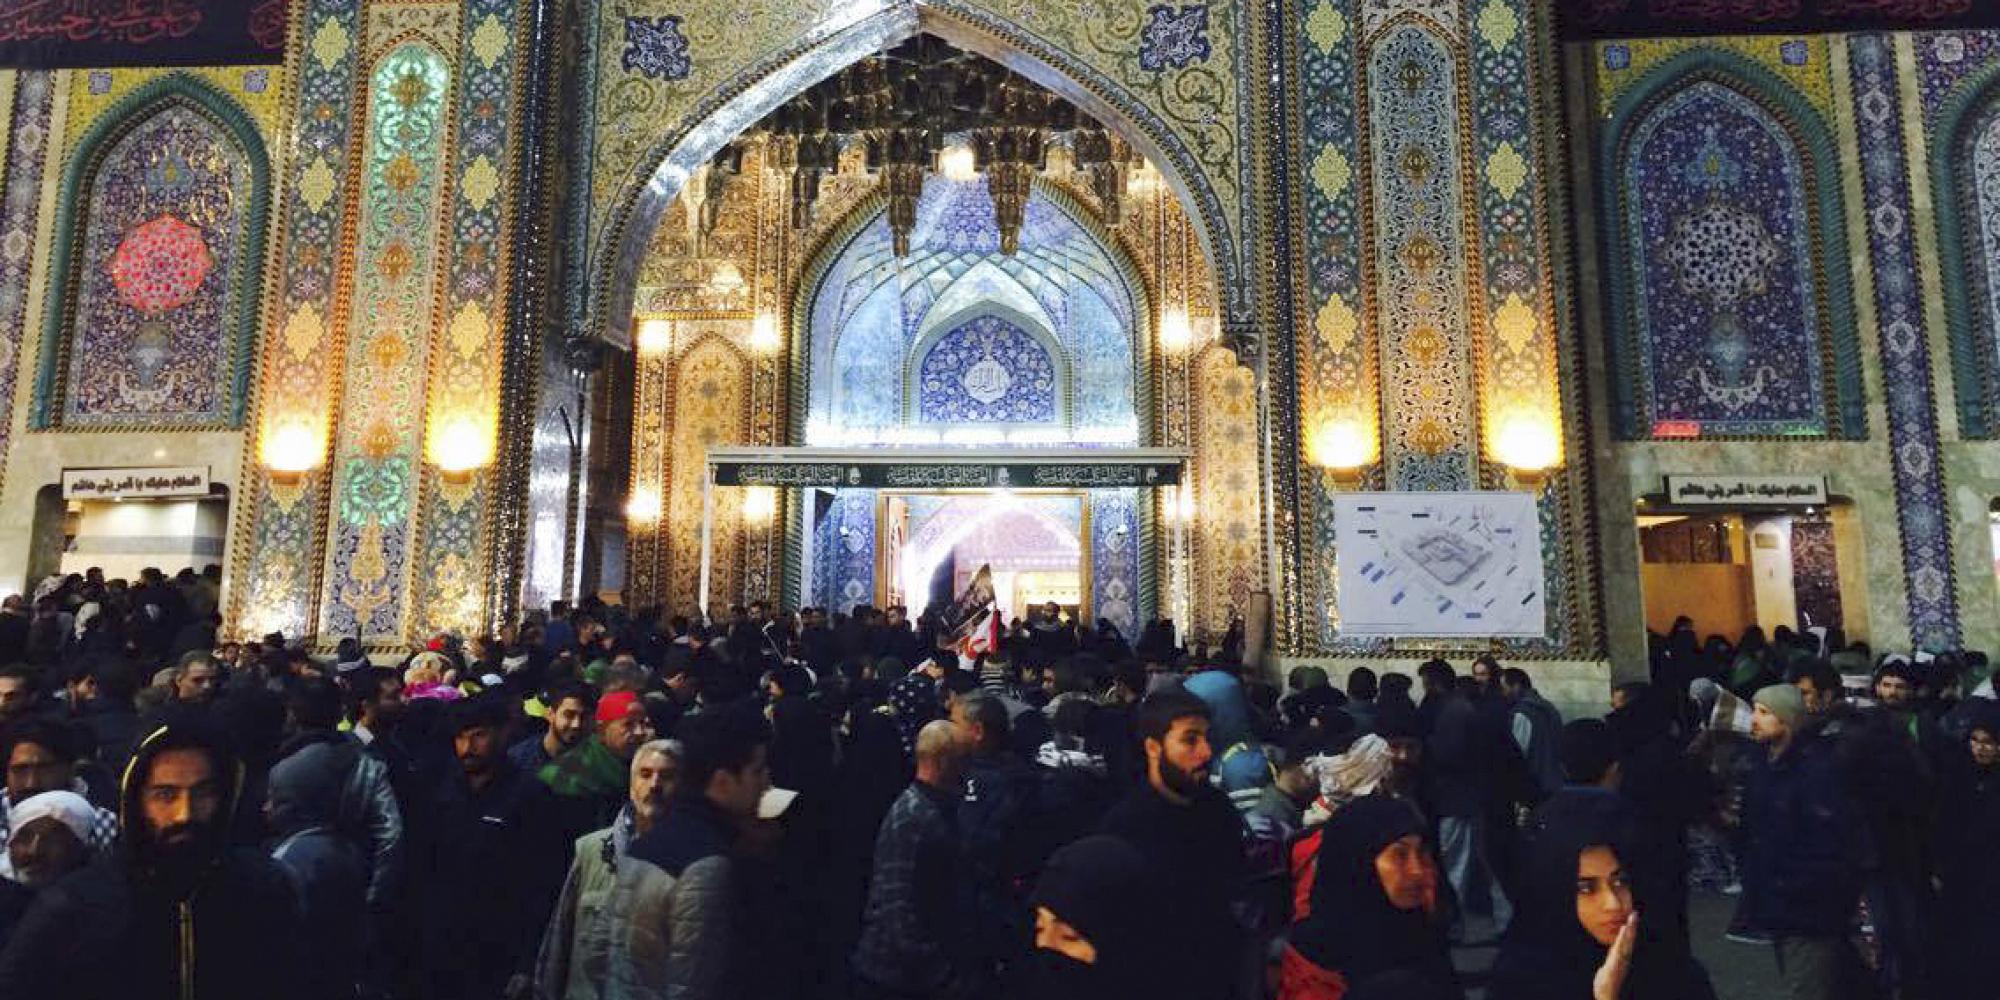 الشرق الأوسط:  حالات حمل غير شرعي  في كربلاء العراقية.. و الصحة العالمية  ترد